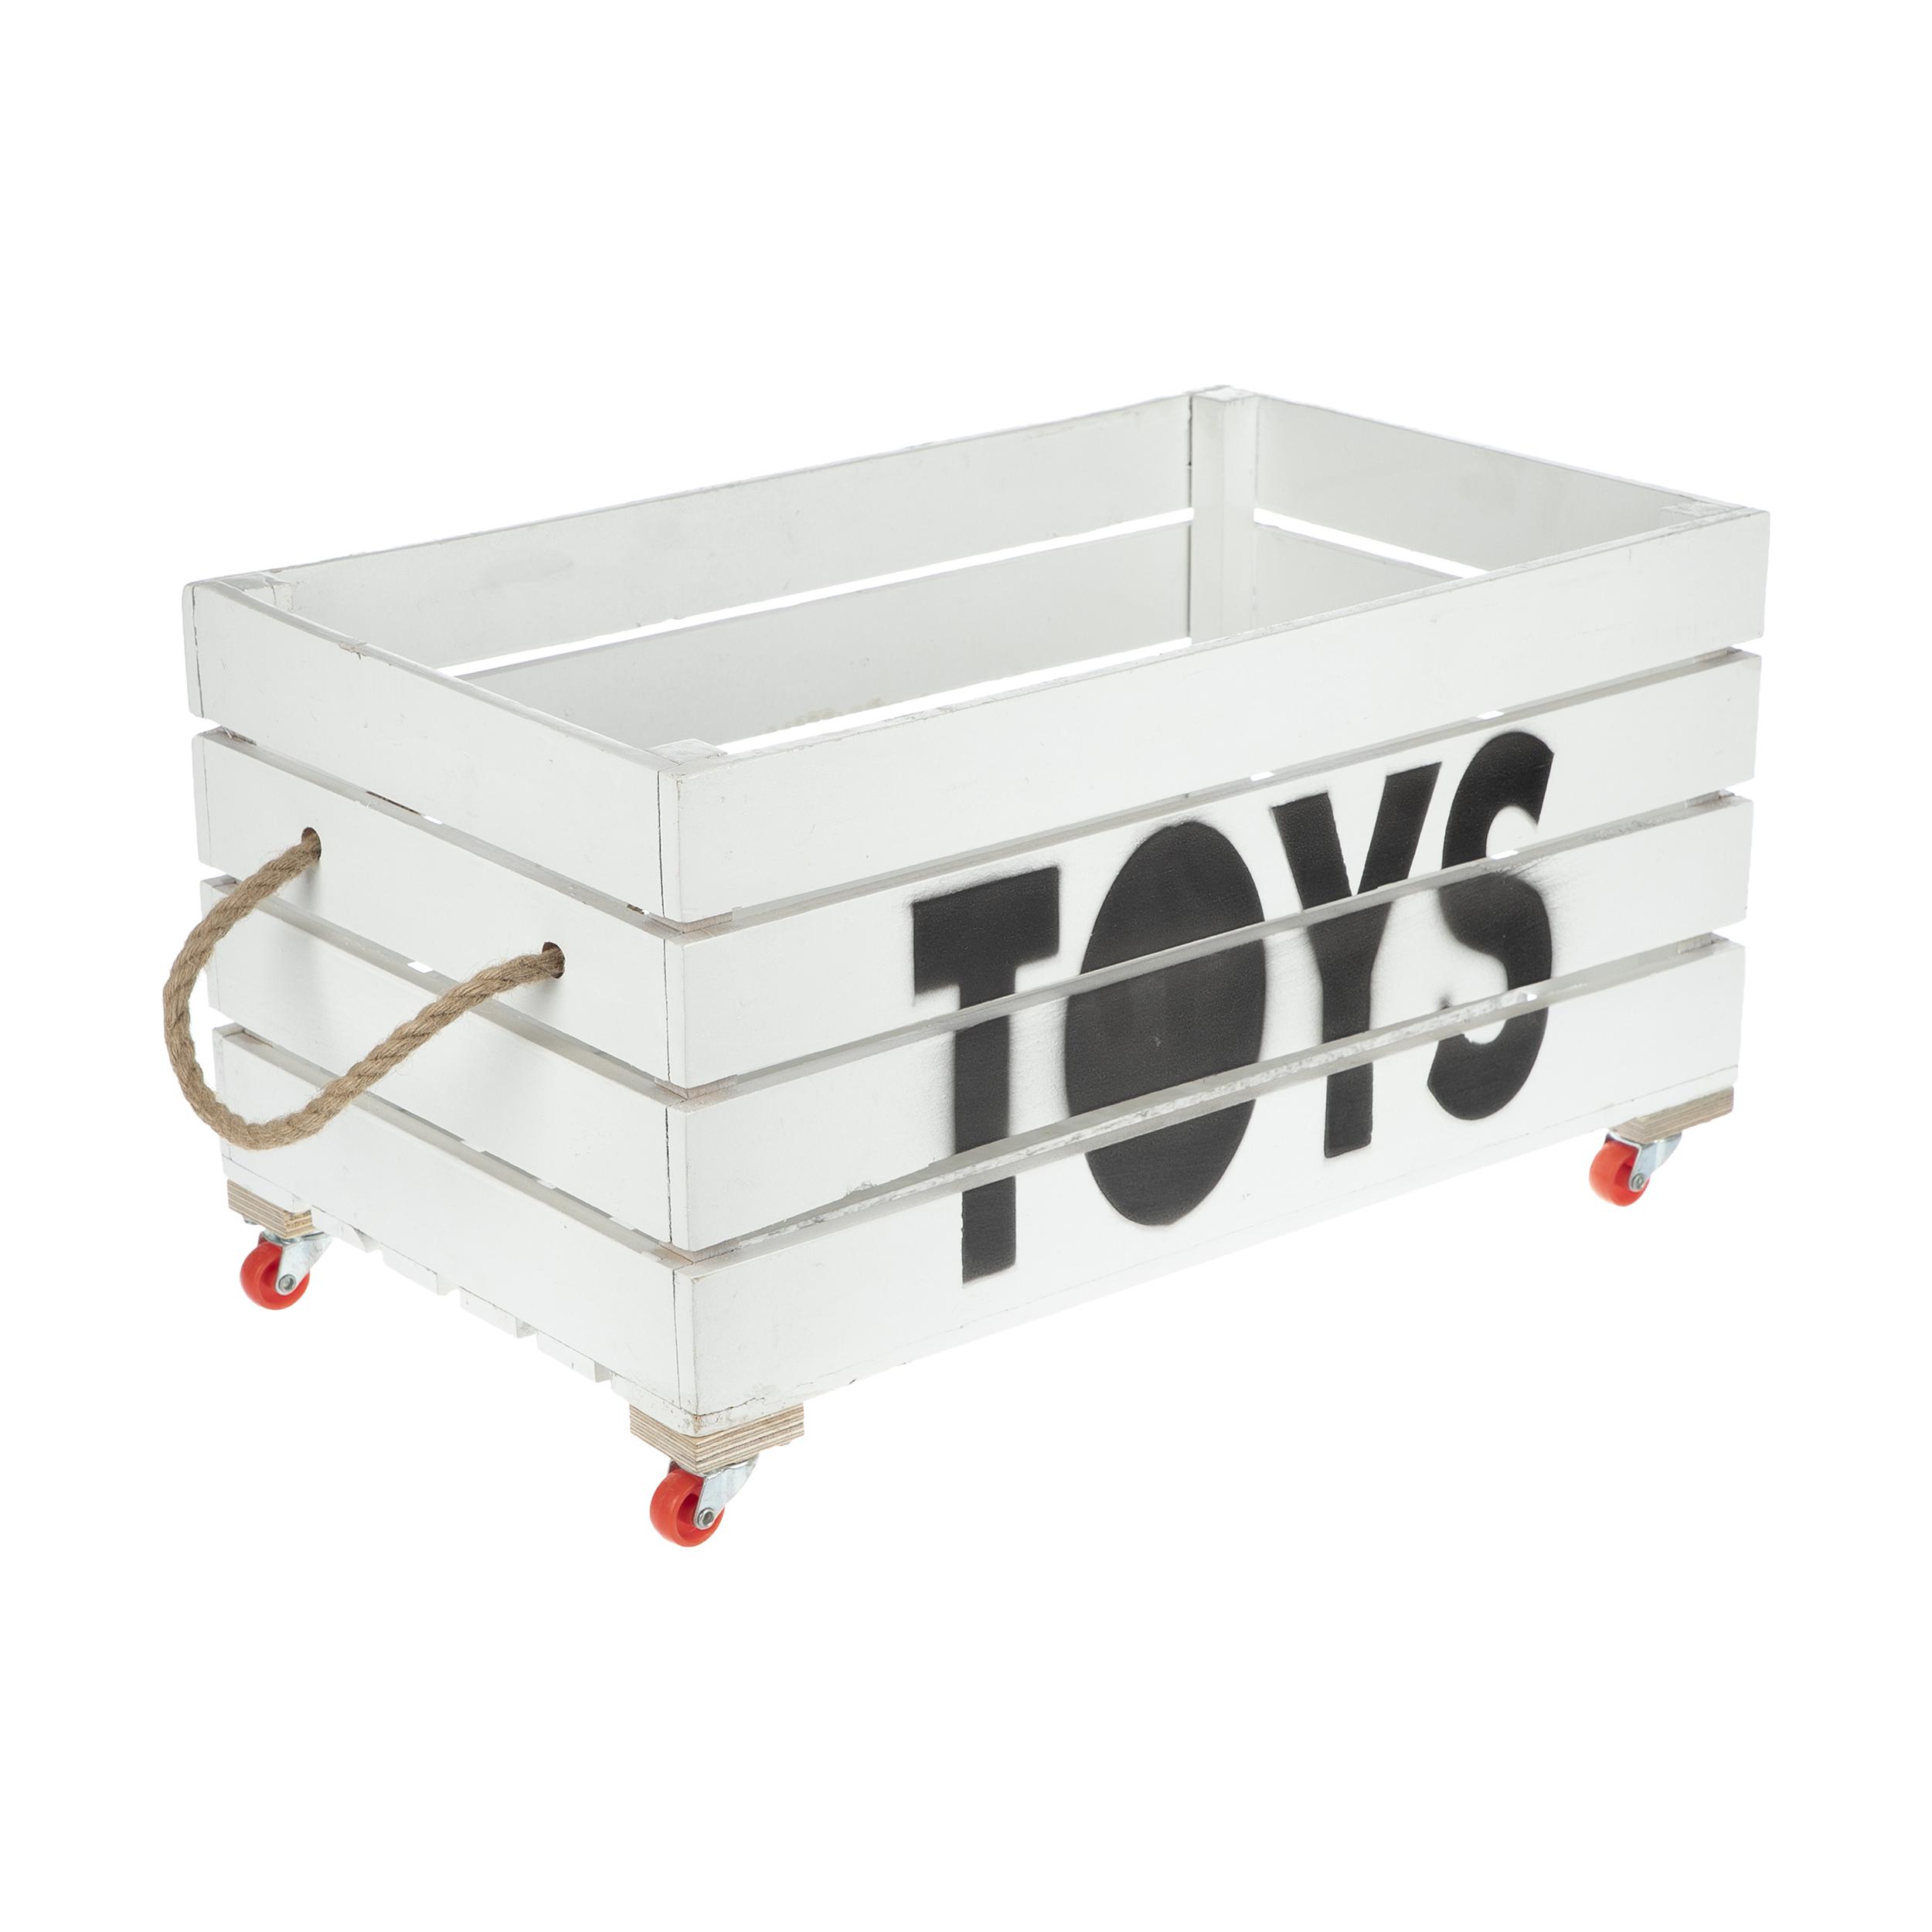 جعبه و کمد اسباب بازی کودک و نوزاد